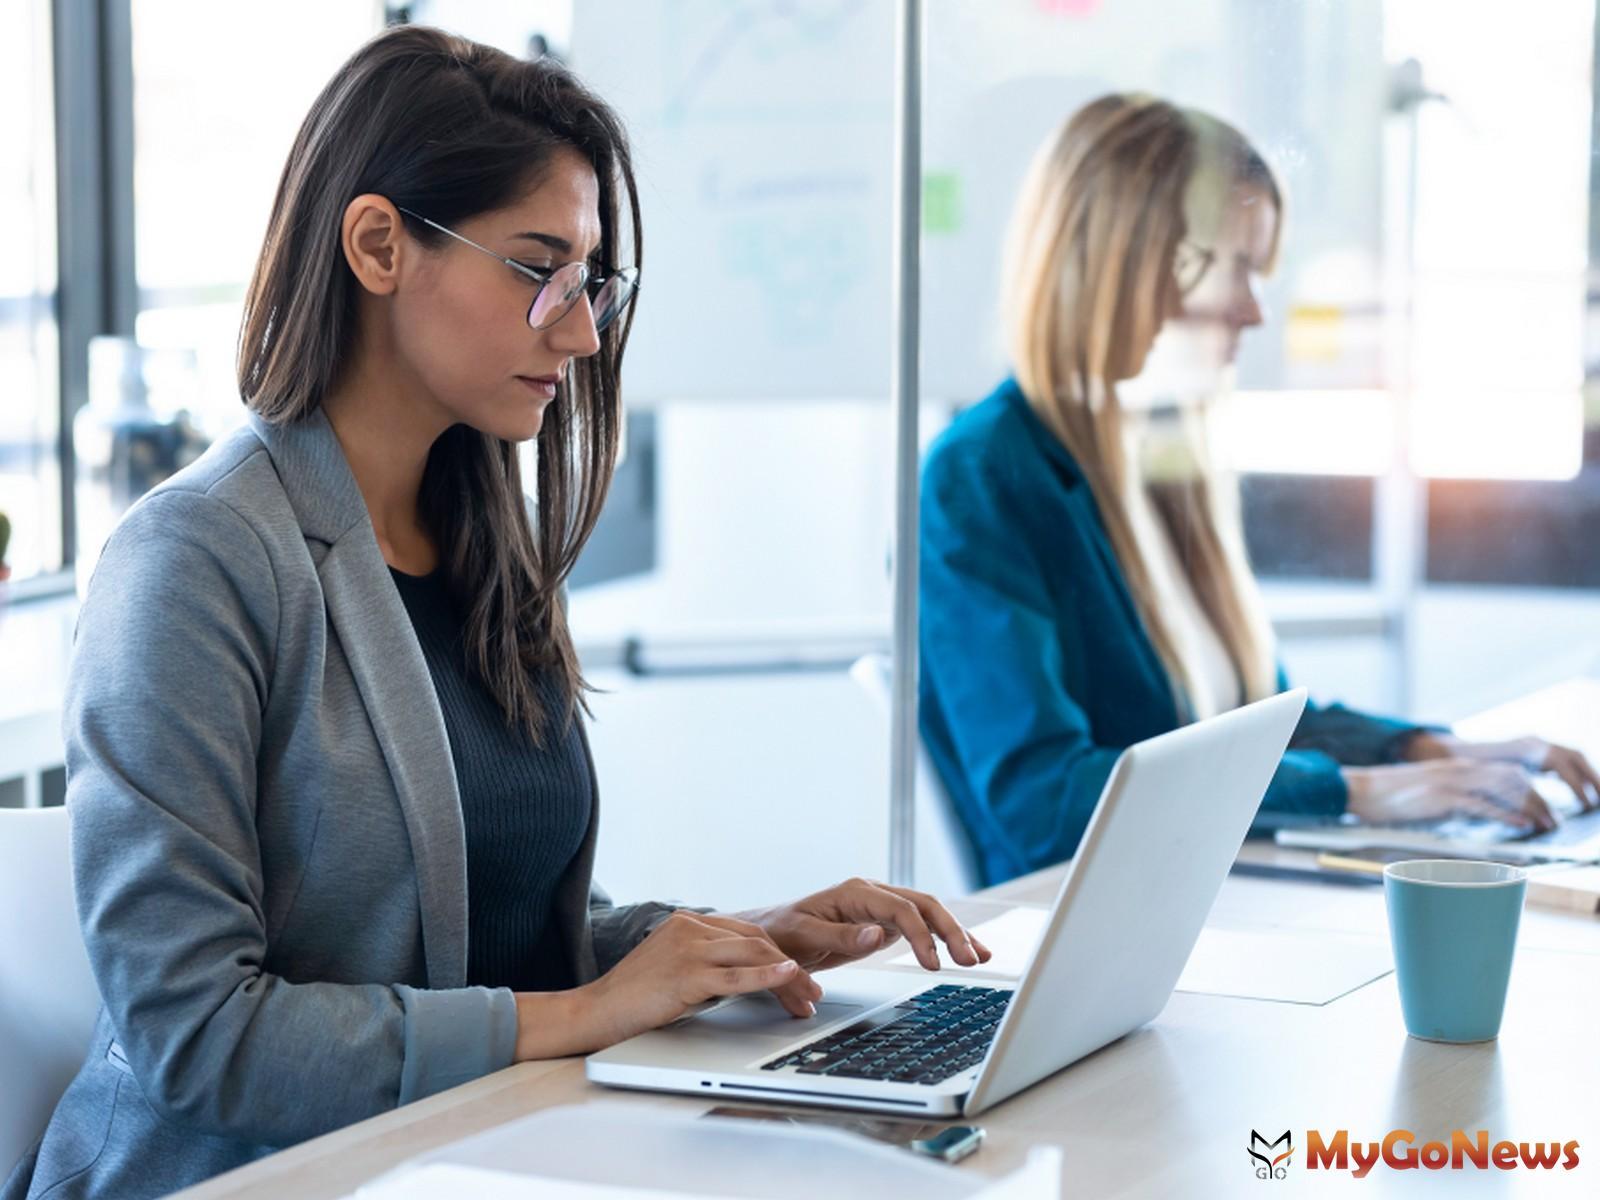 20-30歲的受訪者是最能接受居家辦公與彈性辦公室設計的一群(圖/高力國際) MyGoNews房地產新聞 趨勢報導